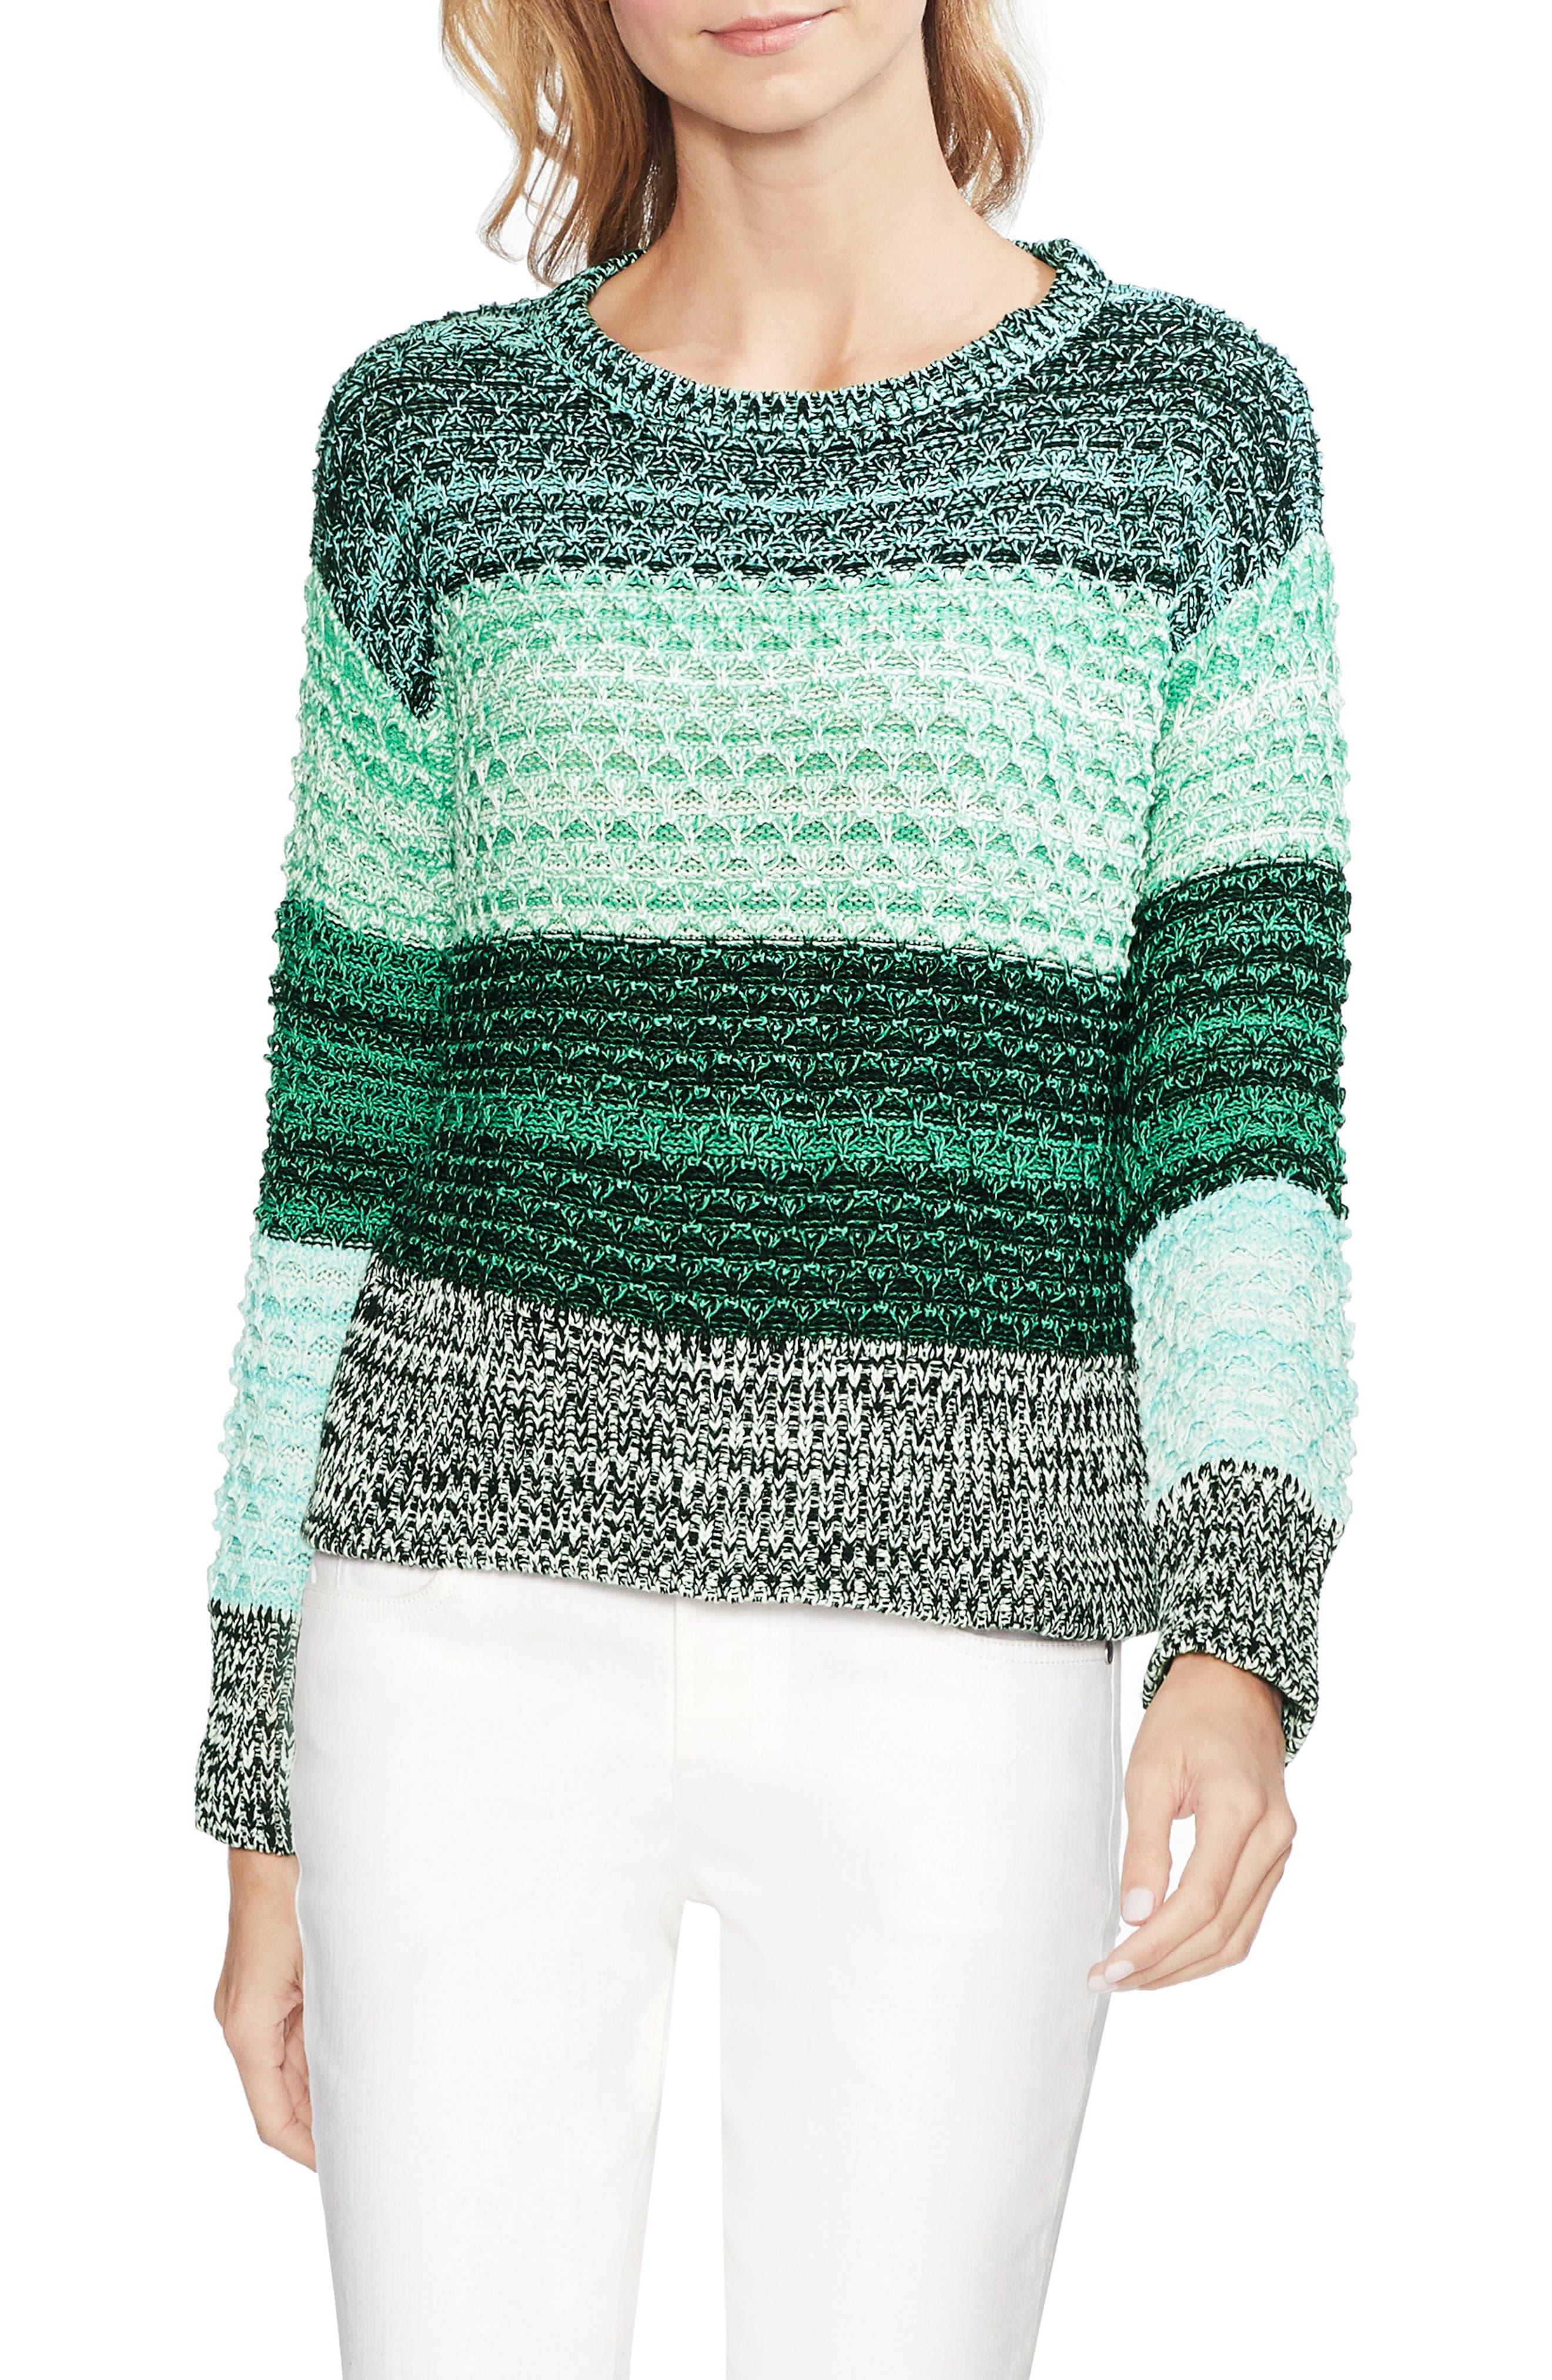 Vince Camuto Sweaters COLORBLOCK CREWNECK SWEATER